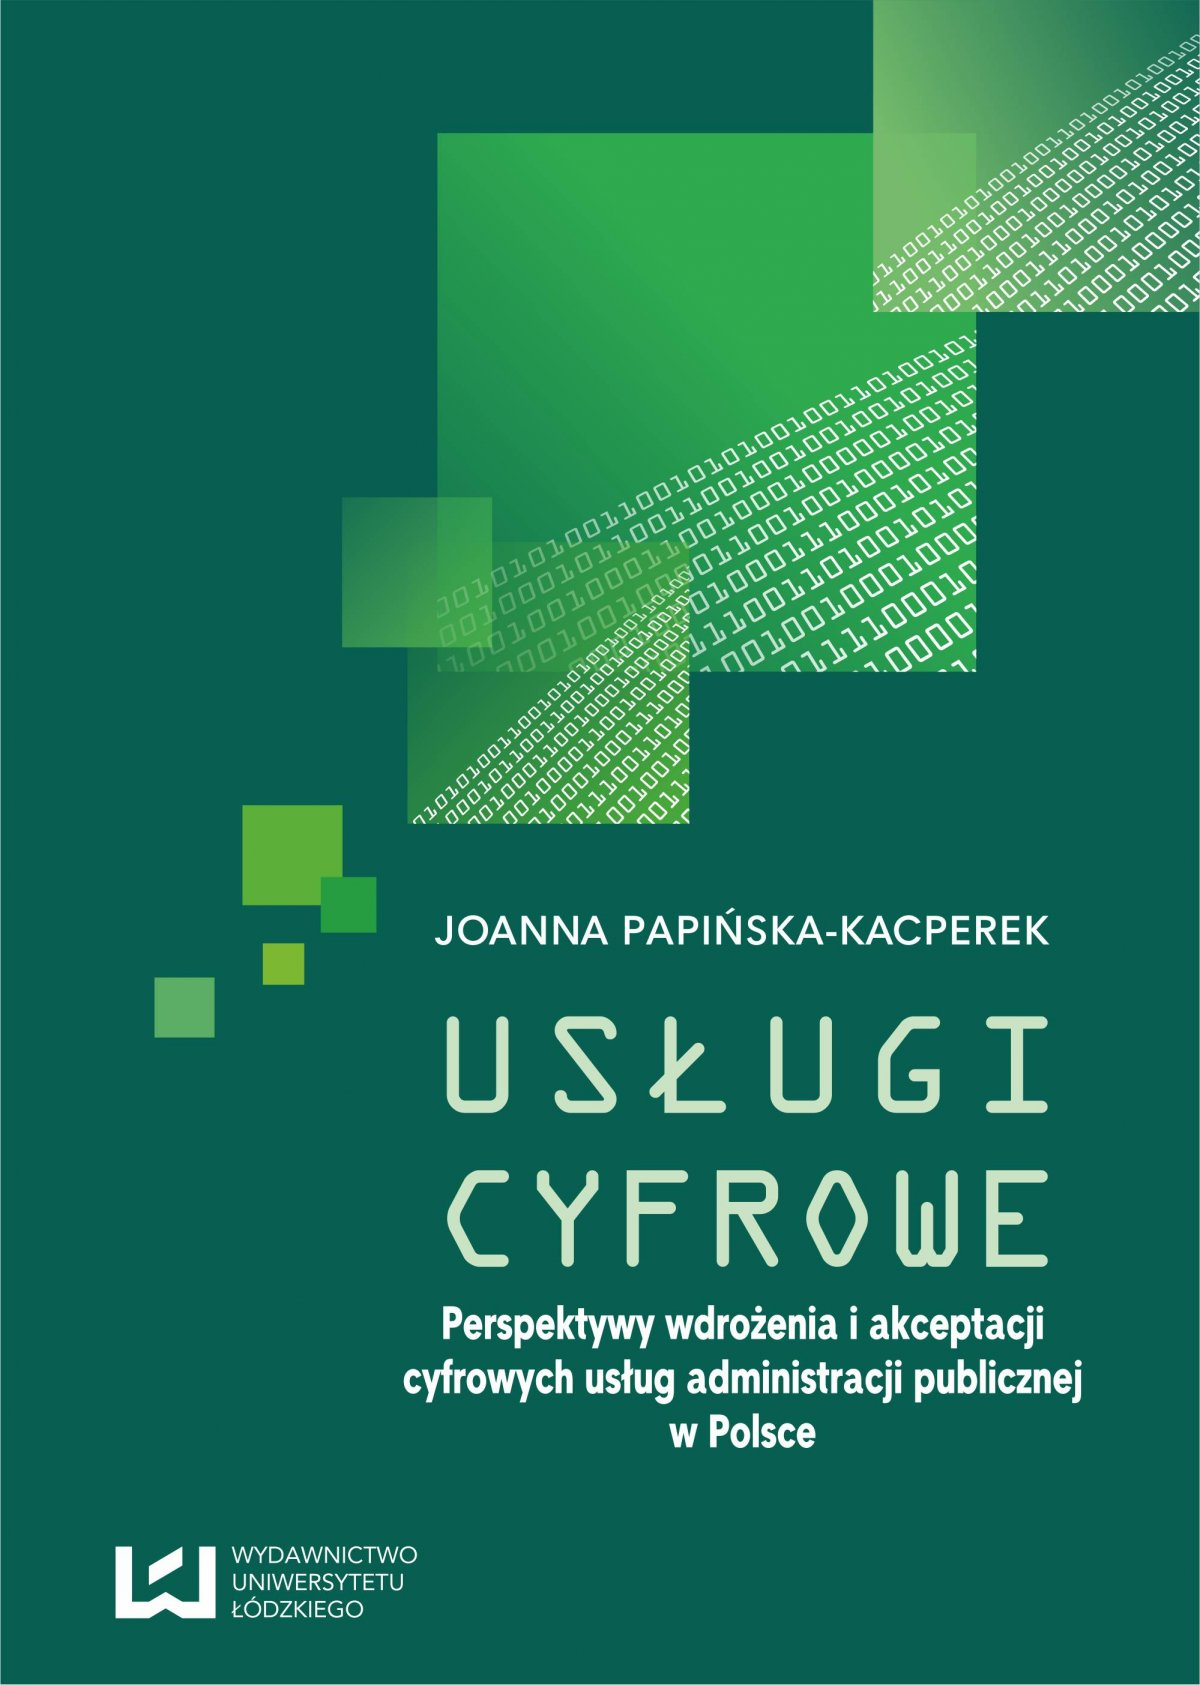 Usługi cyfrowe. Perspektywy wdrożenia i akceptacji cyfrowych usług administracji publicznej w Polsce - Ebook (Książka PDF) do pobrania w formacie PDF